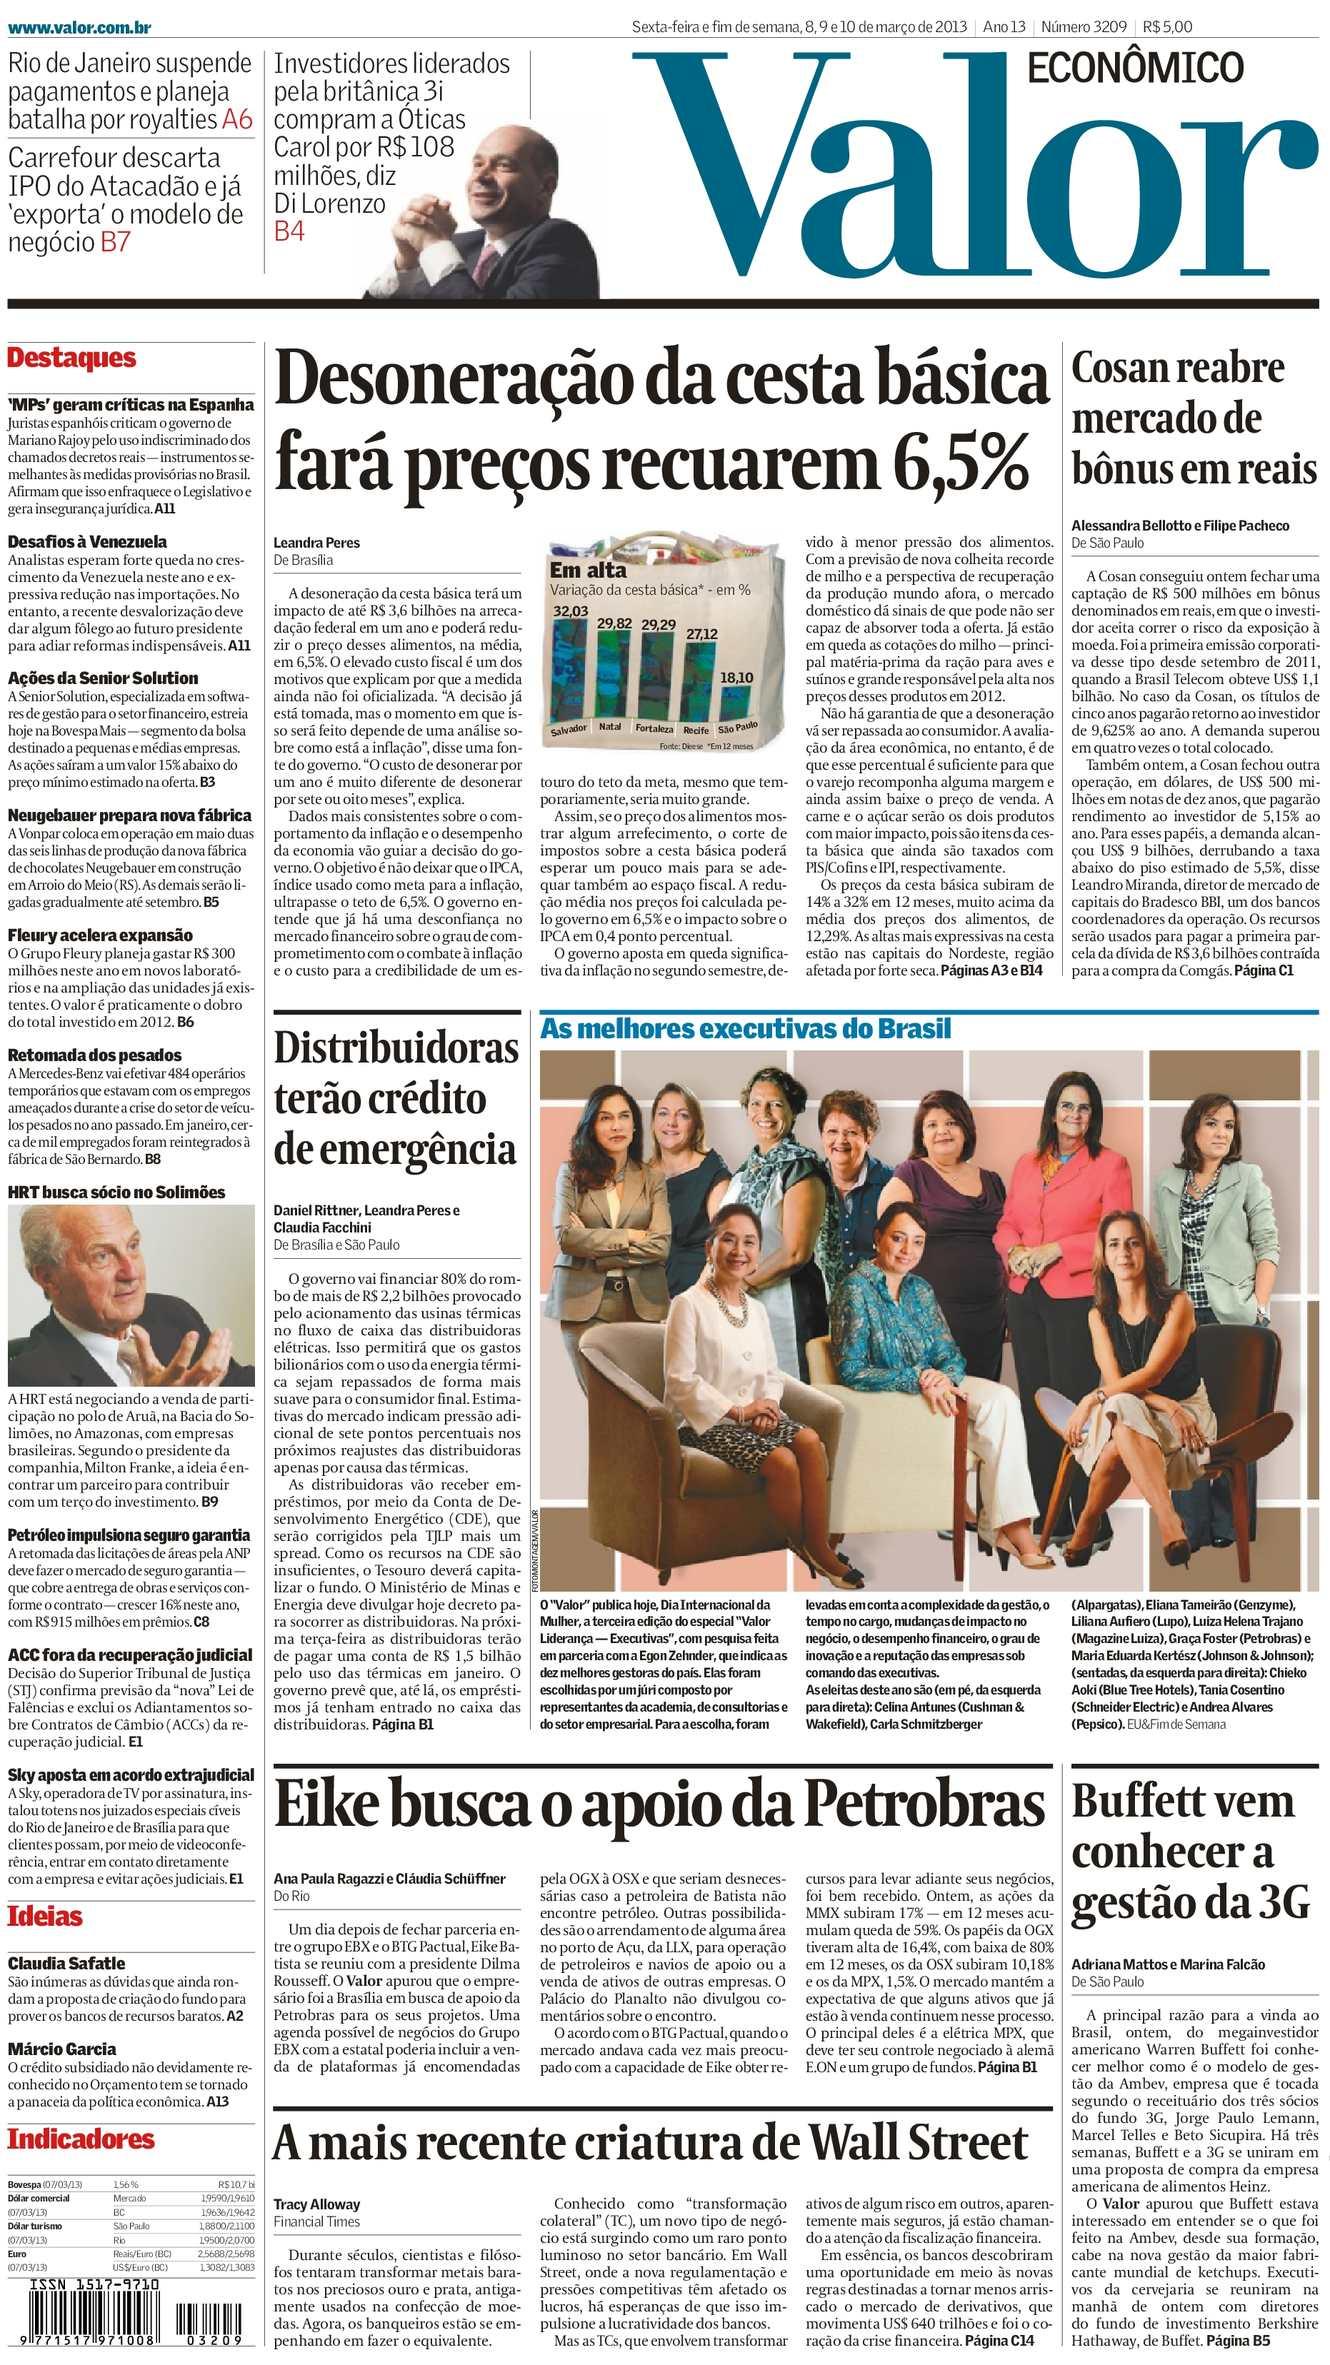 Calaméo - Valor Econômico 08-03-2013 188e3a9667